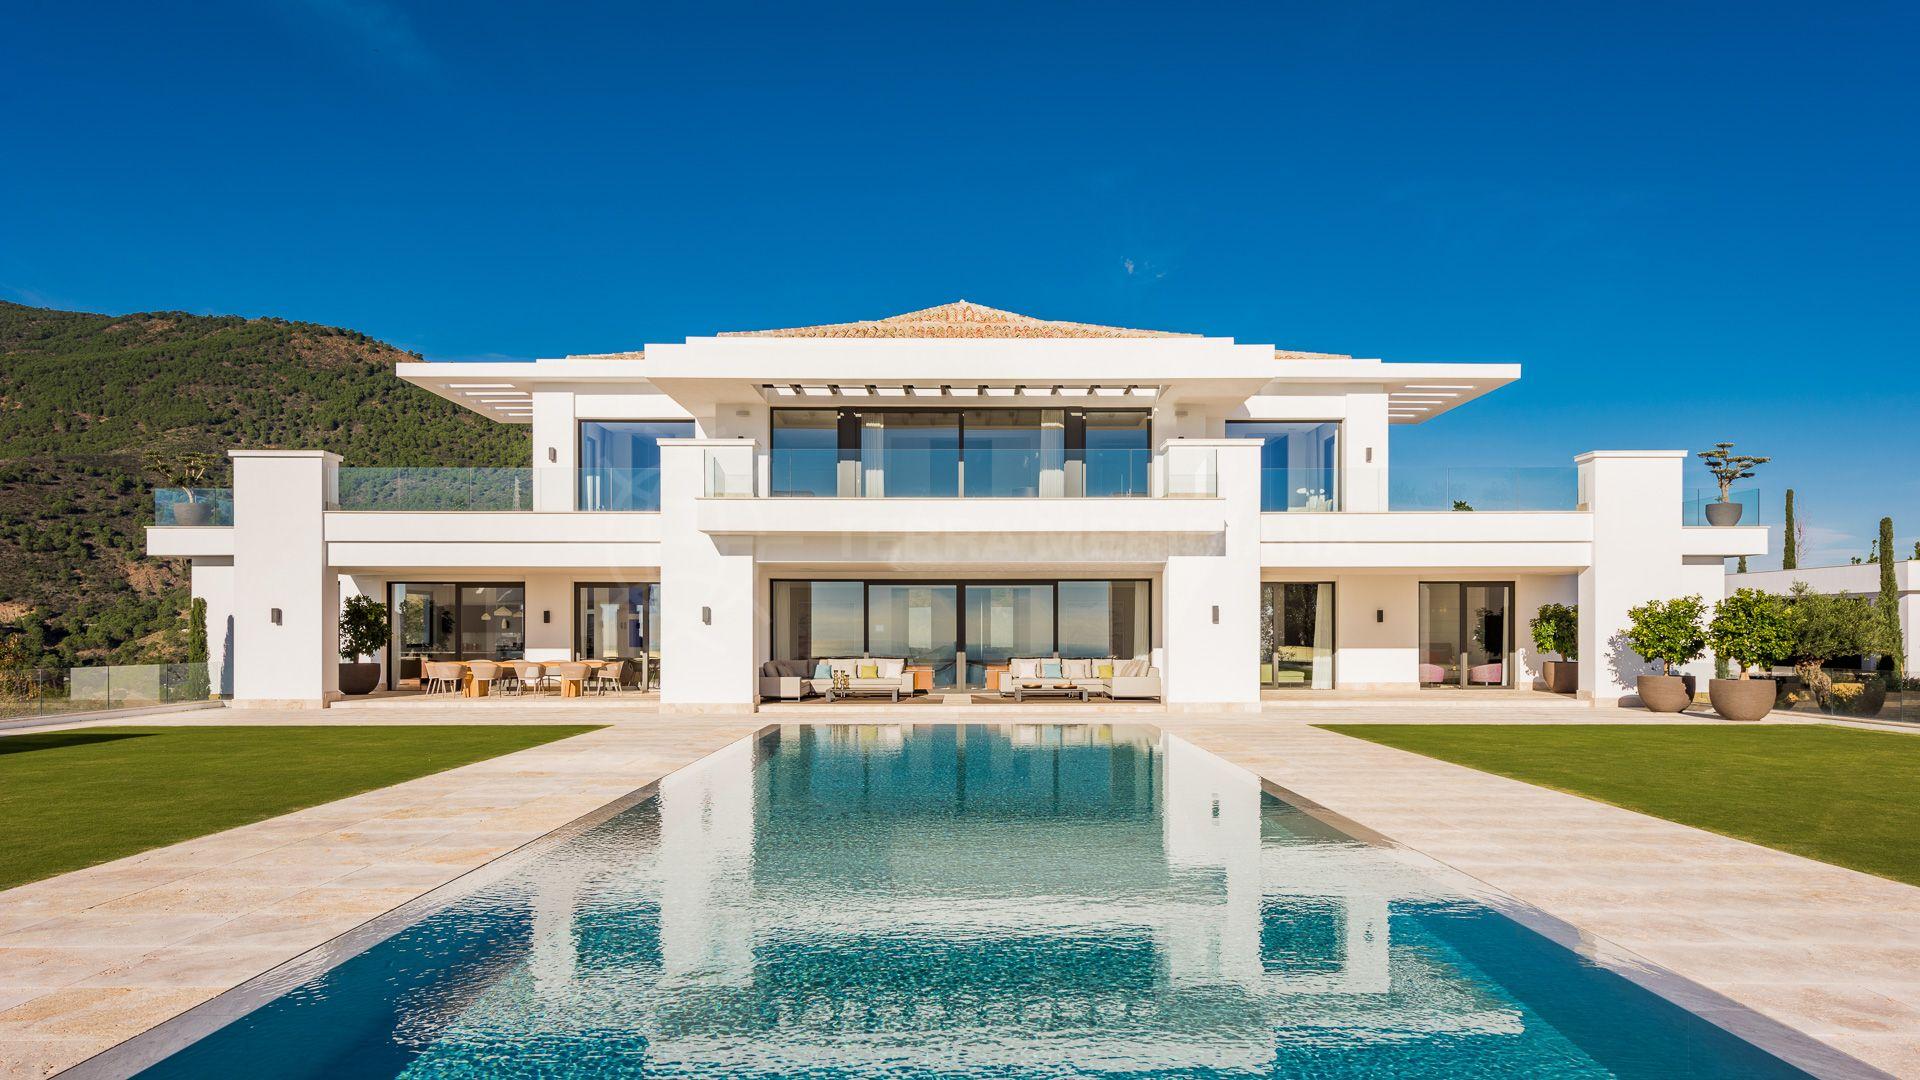 exclusiva lujosa villa contempor nea de nueva planta en venta con vistas panor micas y. Black Bedroom Furniture Sets. Home Design Ideas